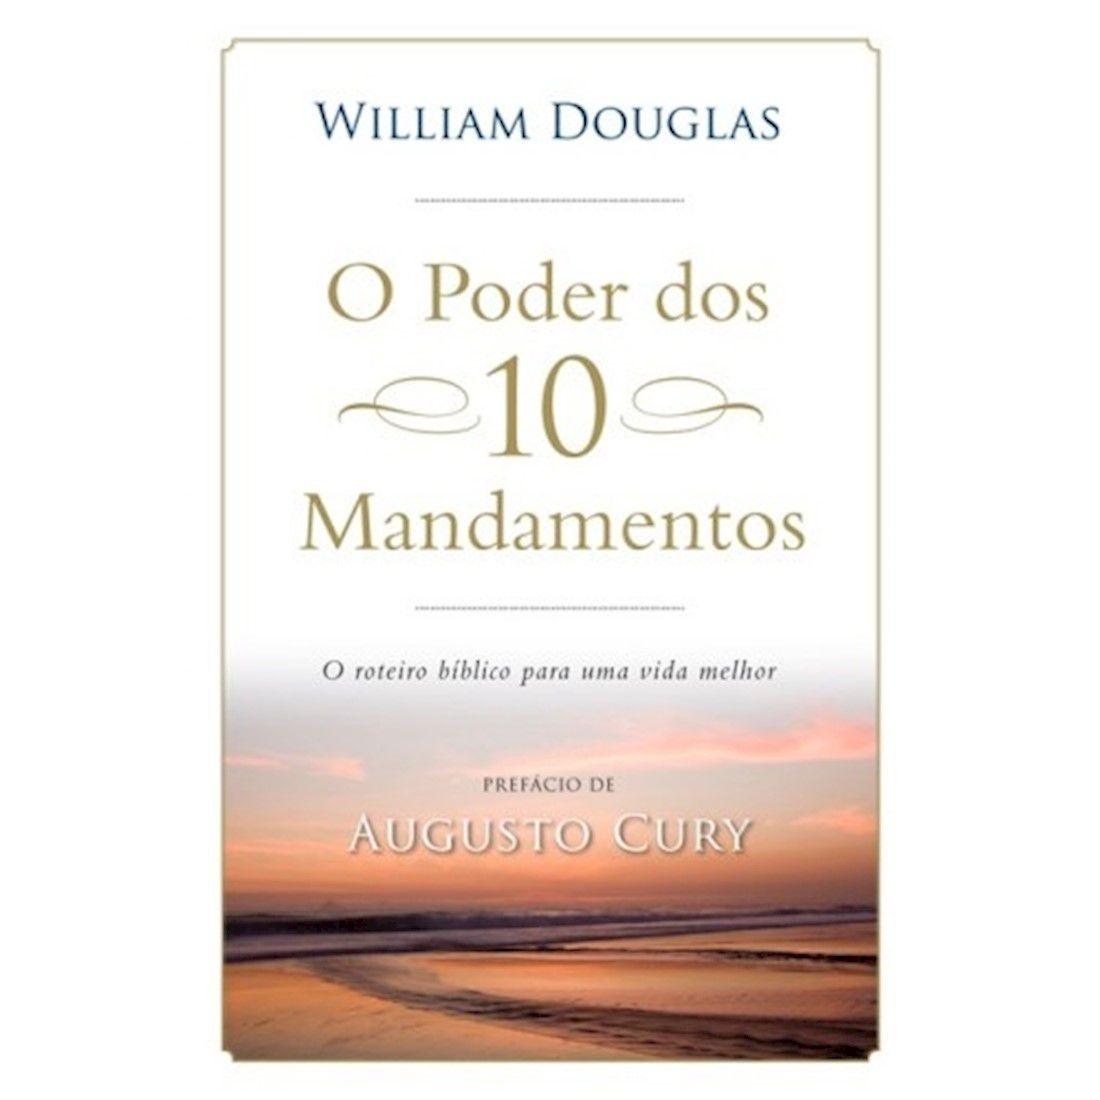 Livro O Poder dos 10 Mandamentos - Produto Reembalado